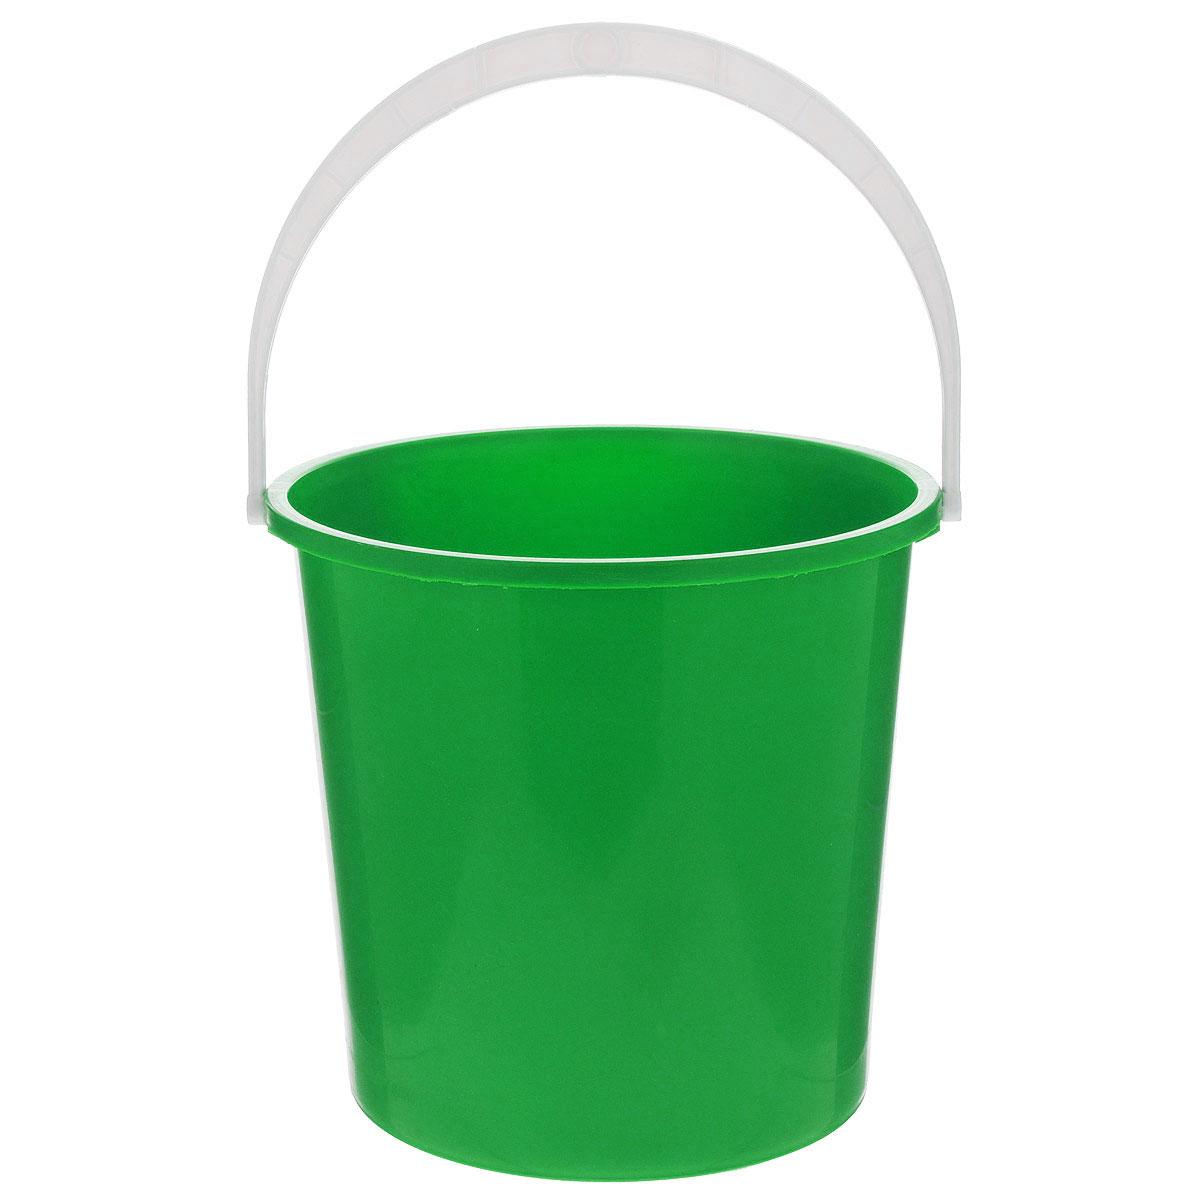 Ведро Альтернатива Крепыш, цвет: зеленый, 5 лК340_зеленыйВедро Альтернатива Крепыш изготовлено из высококачественного одноцветного пластика. Оно легче железного и не подвержено коррозии. Ведро оснащено удобной пластиковой ручкой. Такое ведро станет незаменимым помощником в хозяйстве. Диаметр (по верхнему краю): 22 см. Высота: 20,5 см.